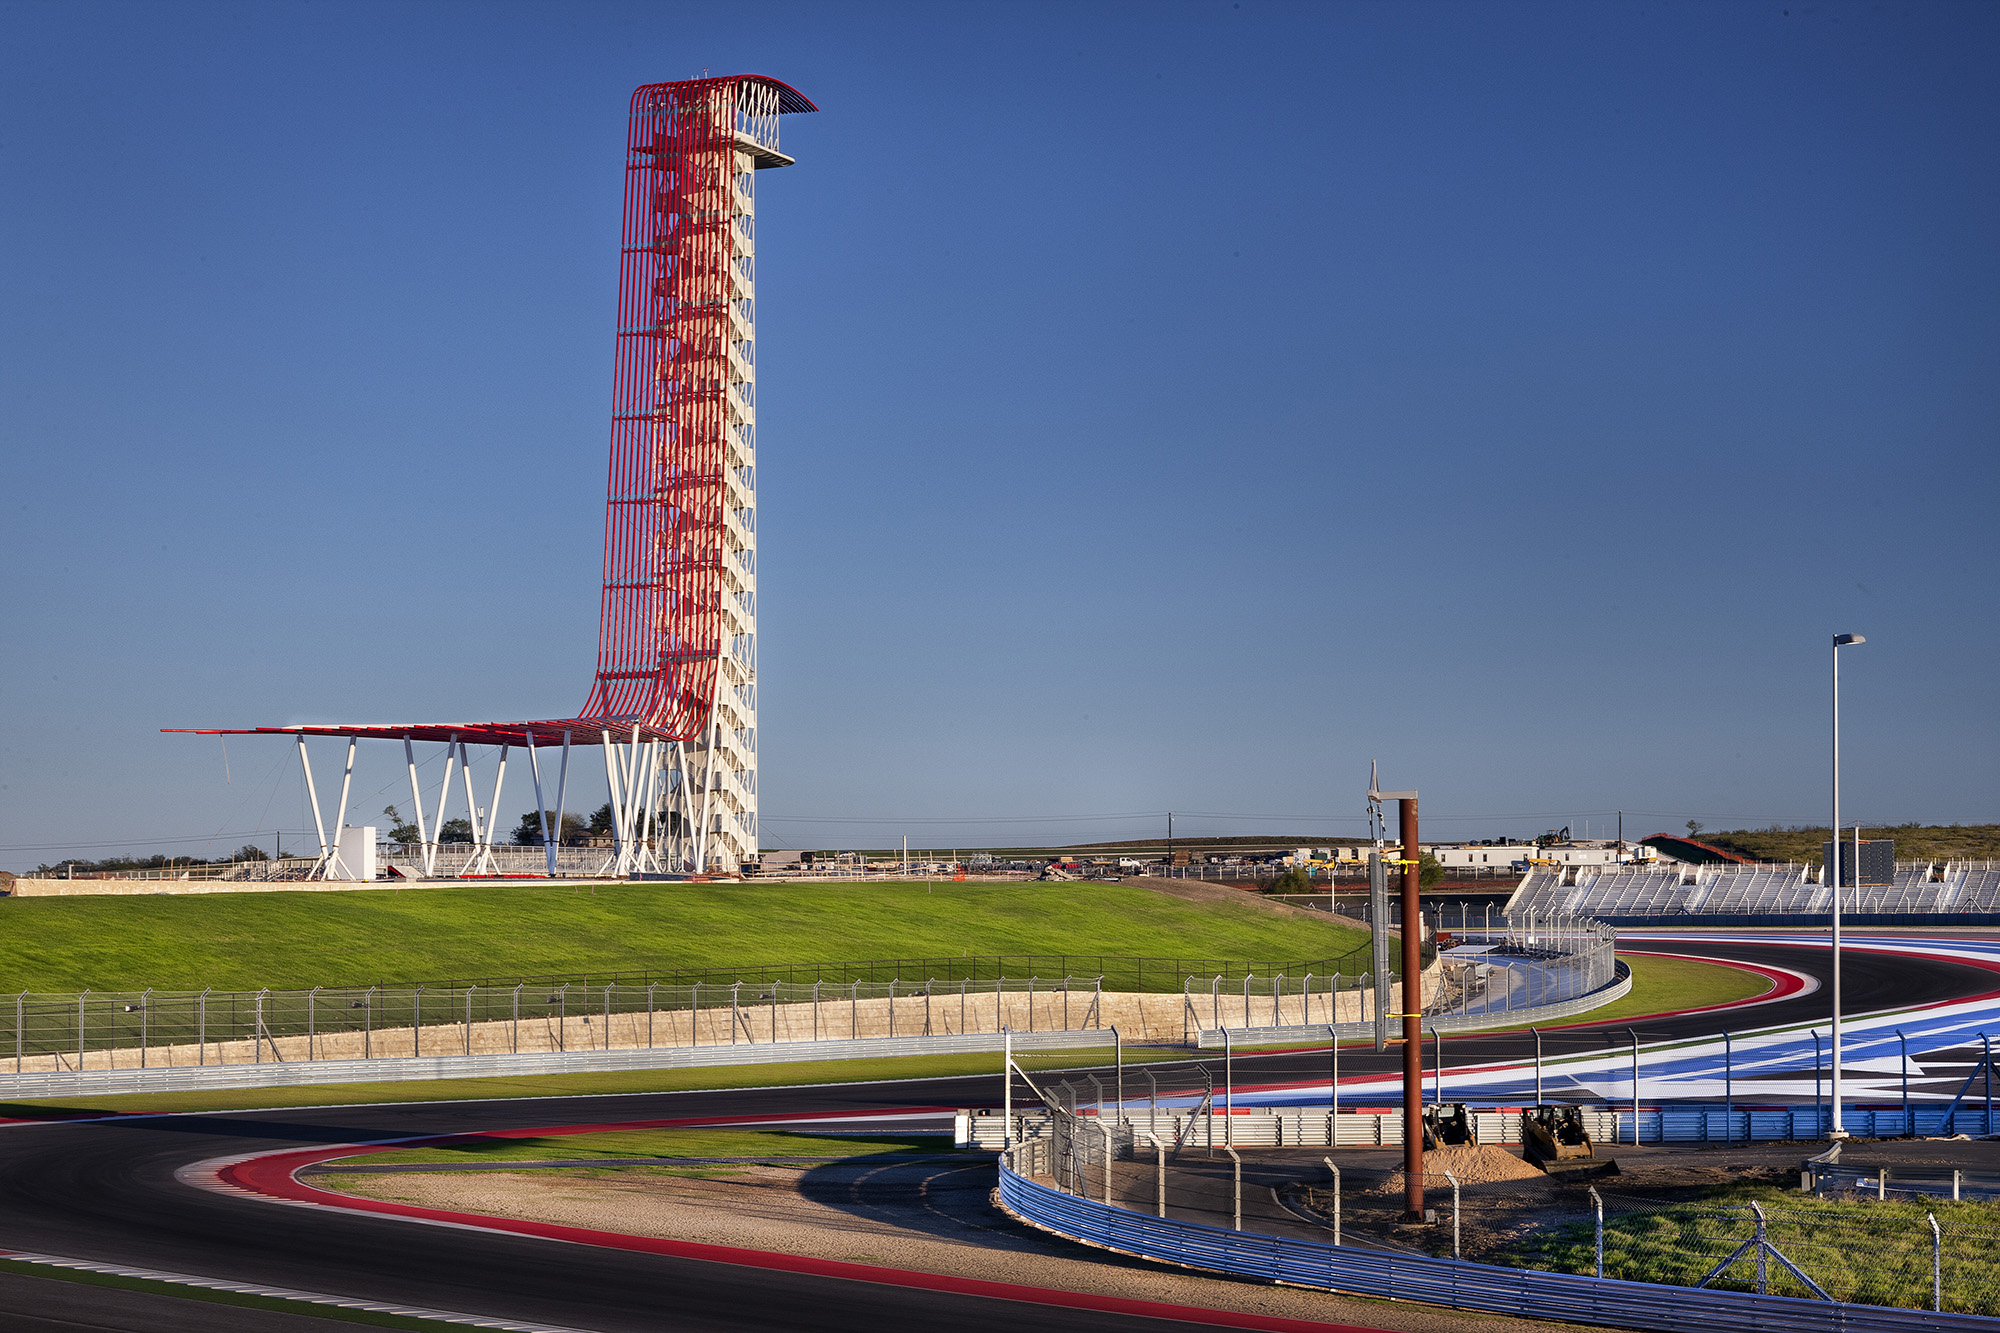 01_Observation Tower.jpg